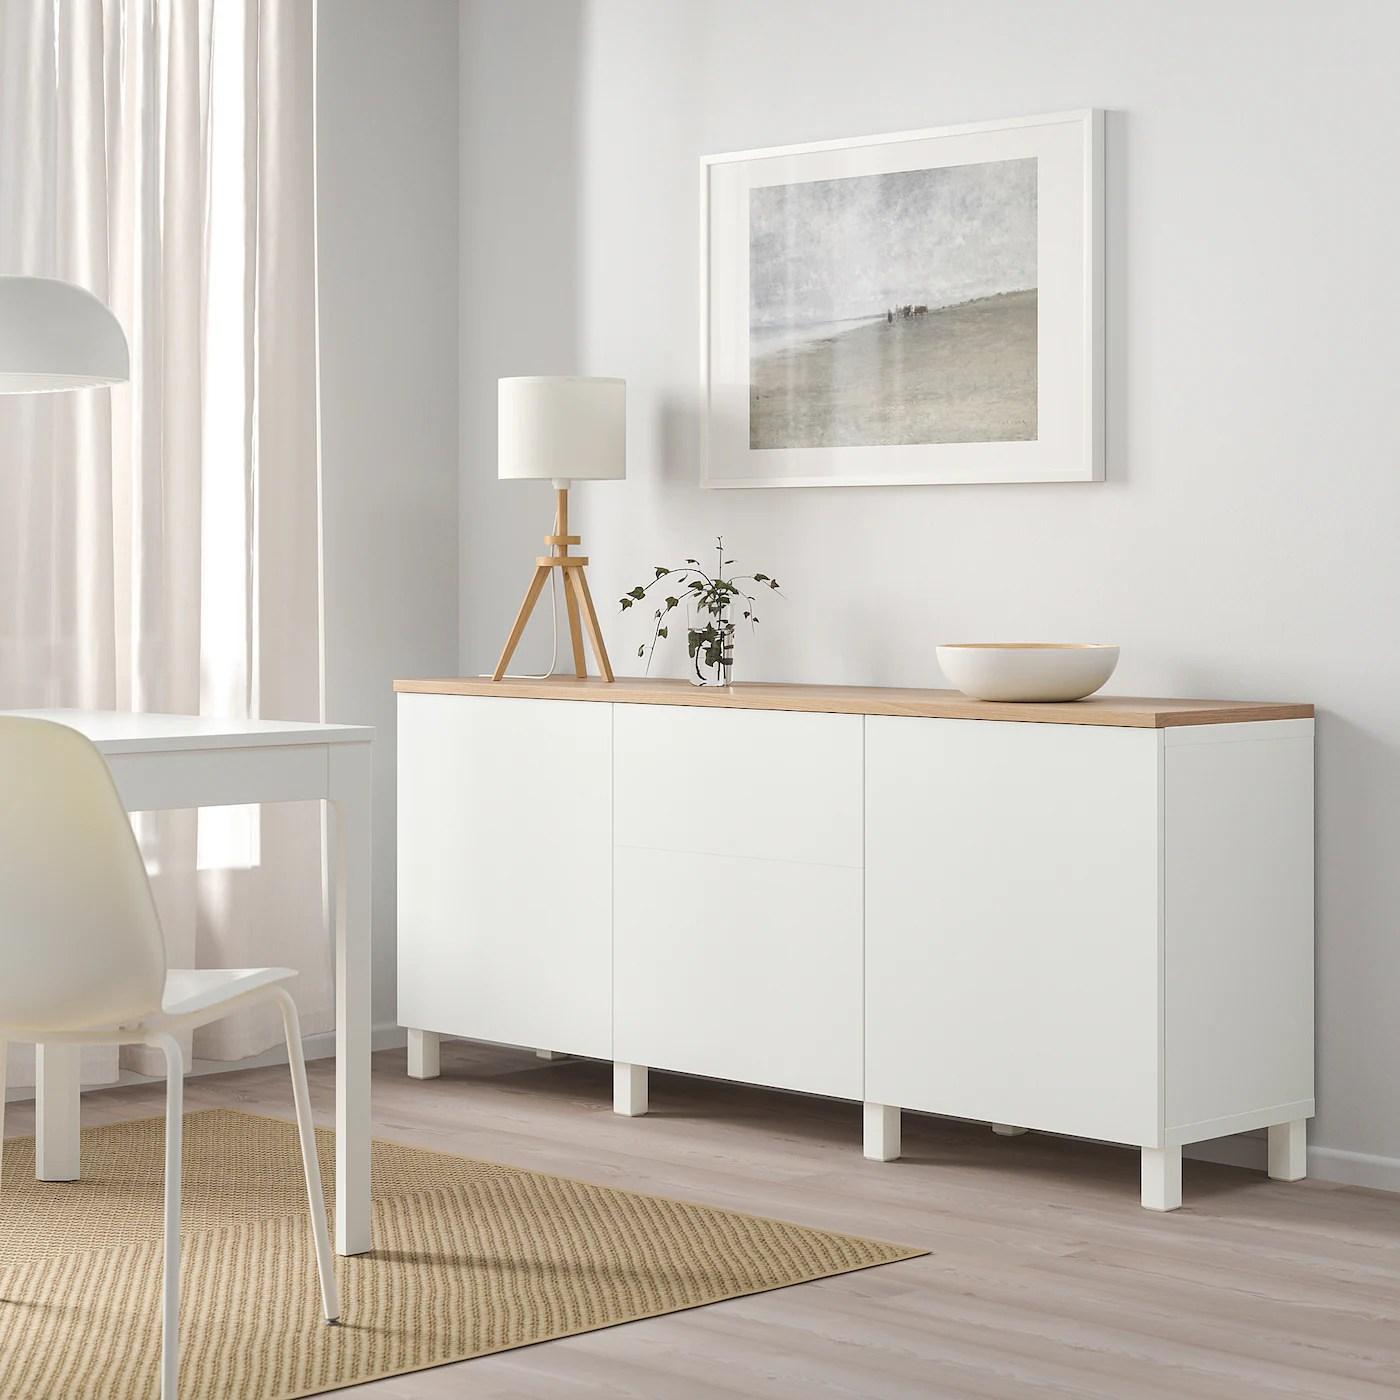 Come scegliere e come organizzare i soggiorni ikea negli spazi living della nostra casa per renderli perfetti e funzionali. Serie Besta Mobili Per Il Soggiorno Ikea It